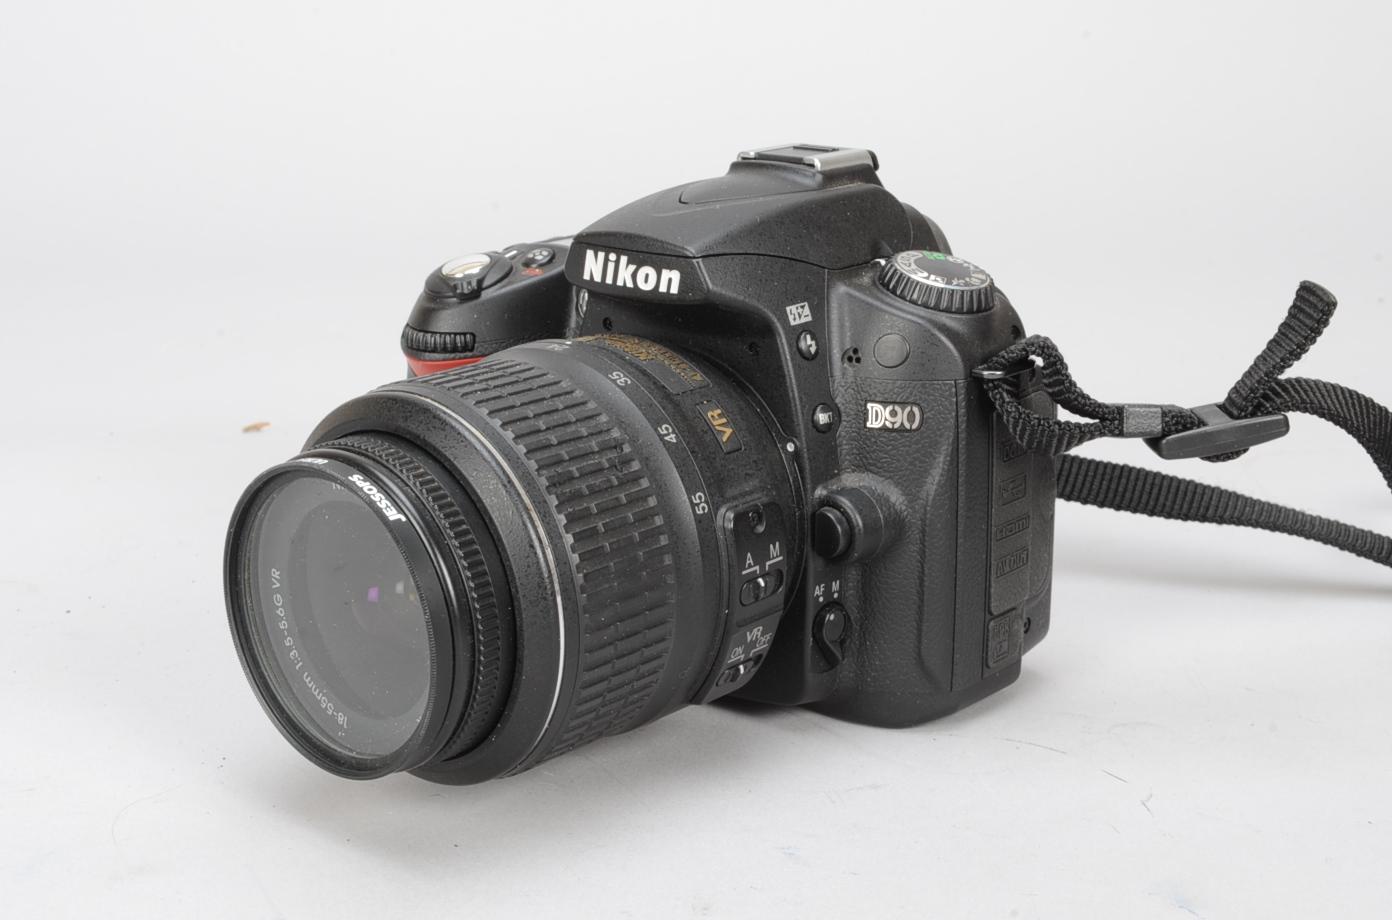 Lot 50 - A Nikon D90 DSLR Camera, serial no 7416534, with an AF-S DX Nikkor 18-55mm f/3.5-5.6G VR lens with